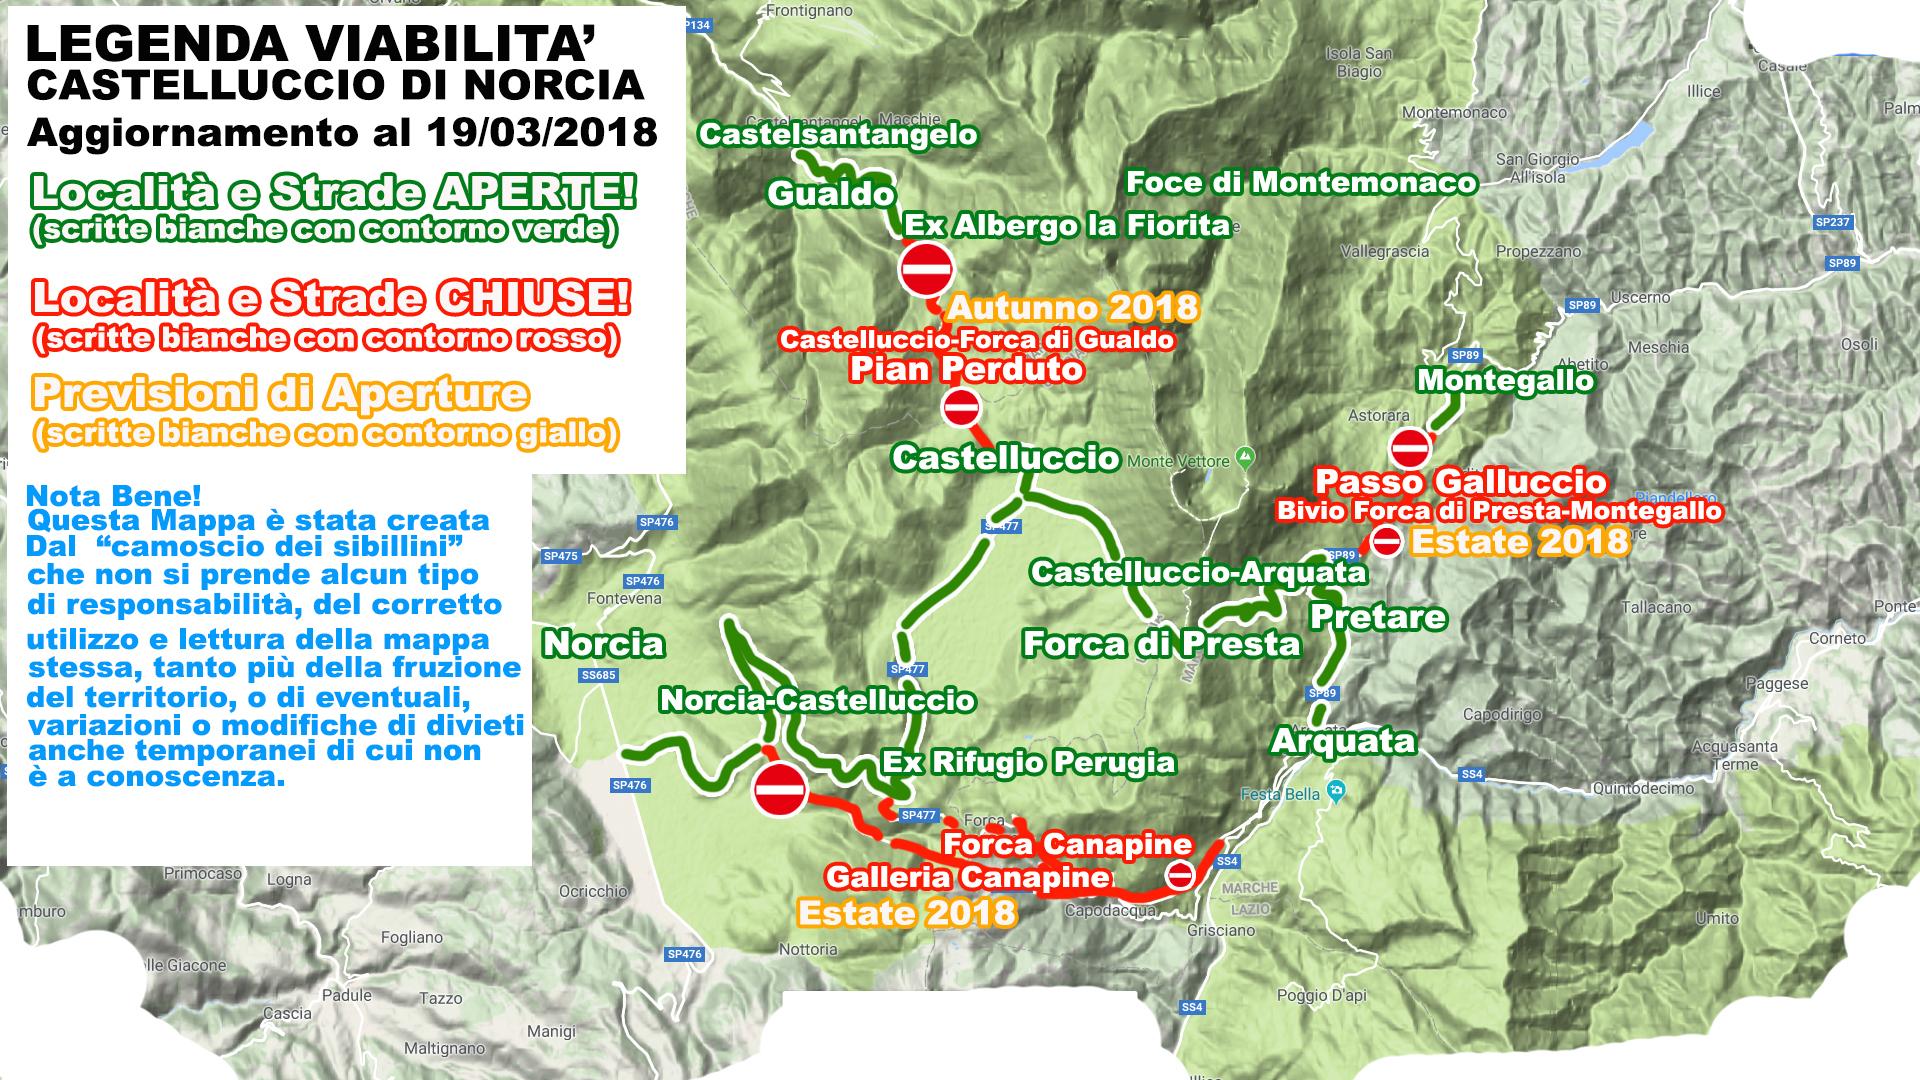 Mappa della Viabilità di Castelluccio di Norcia